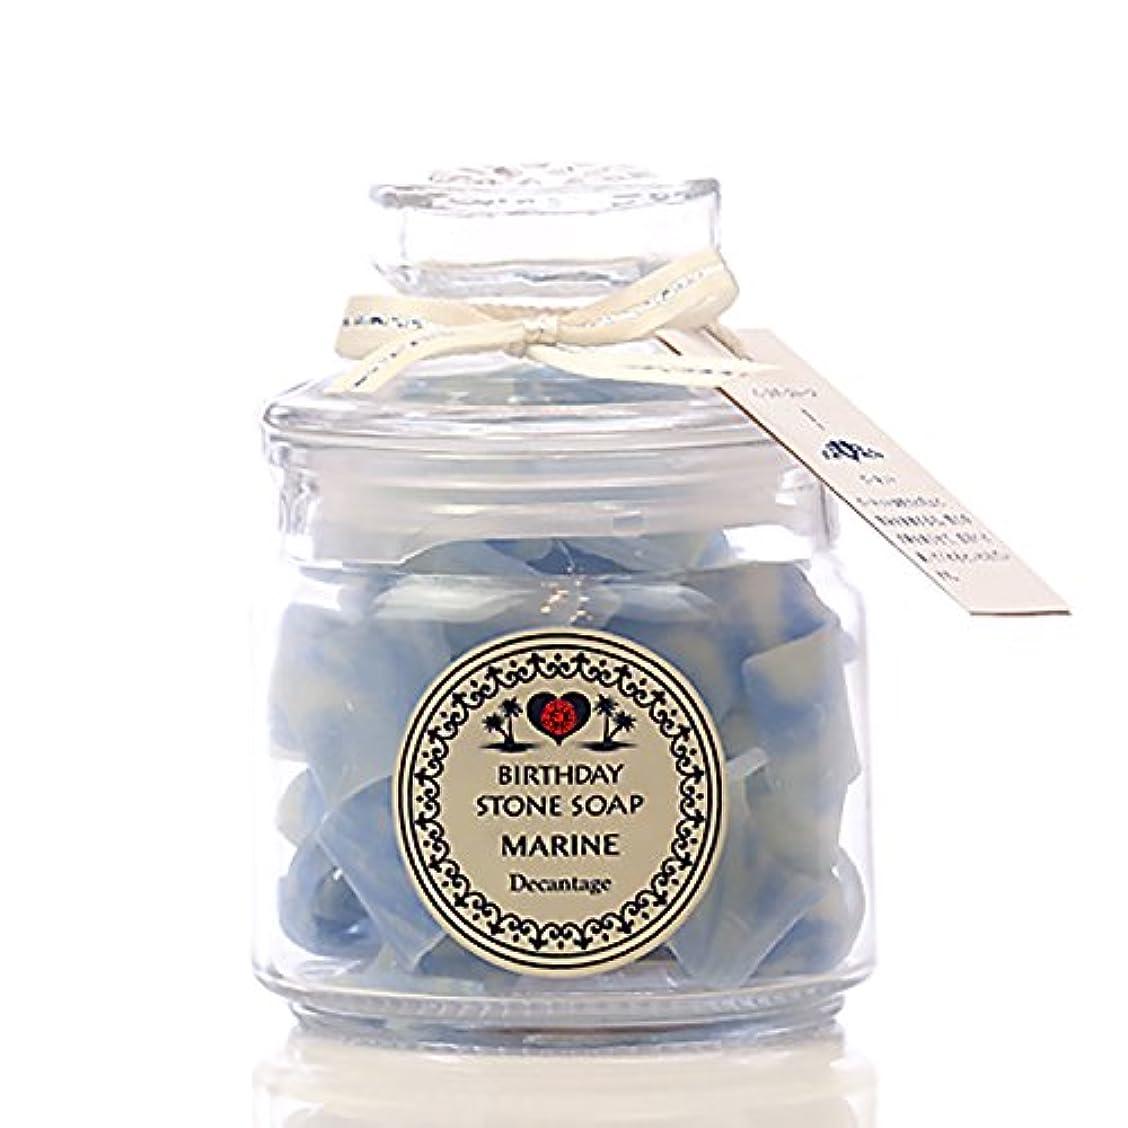 硬さつなぐプラスチックバースデーストーンソープ マリン(プレミアム) (1月)ガーネット(プルメリアの香り)